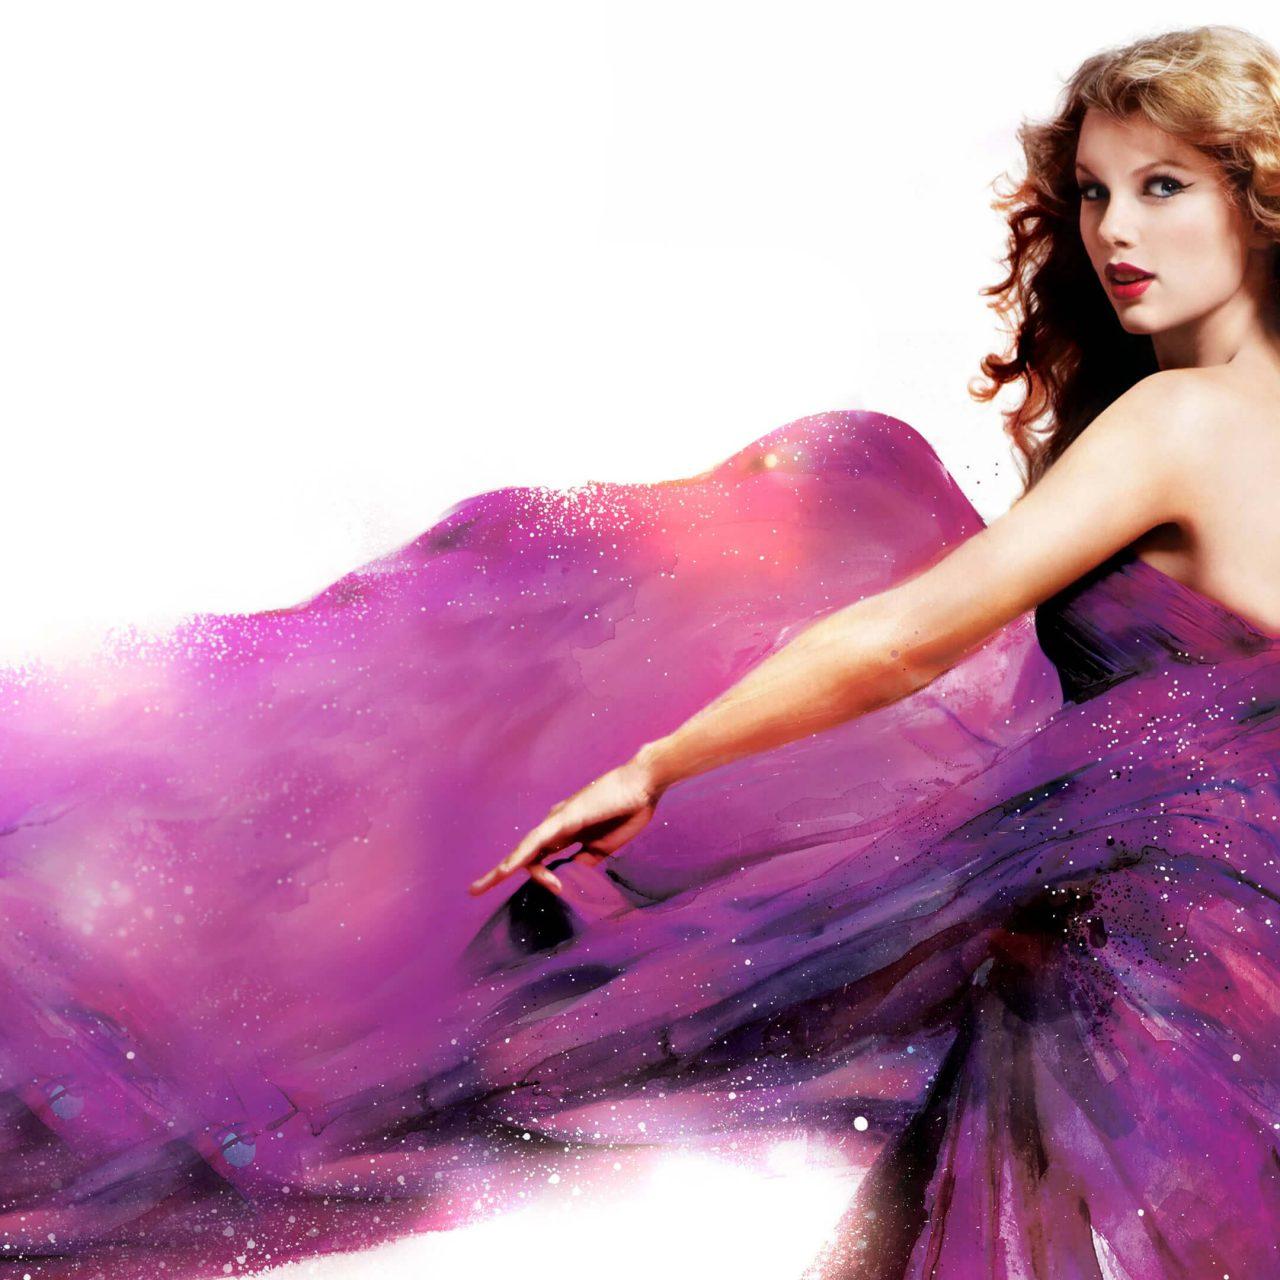 Taylor Swift Artwork 4k ultra hd android wallpaper   HD 1280x1280